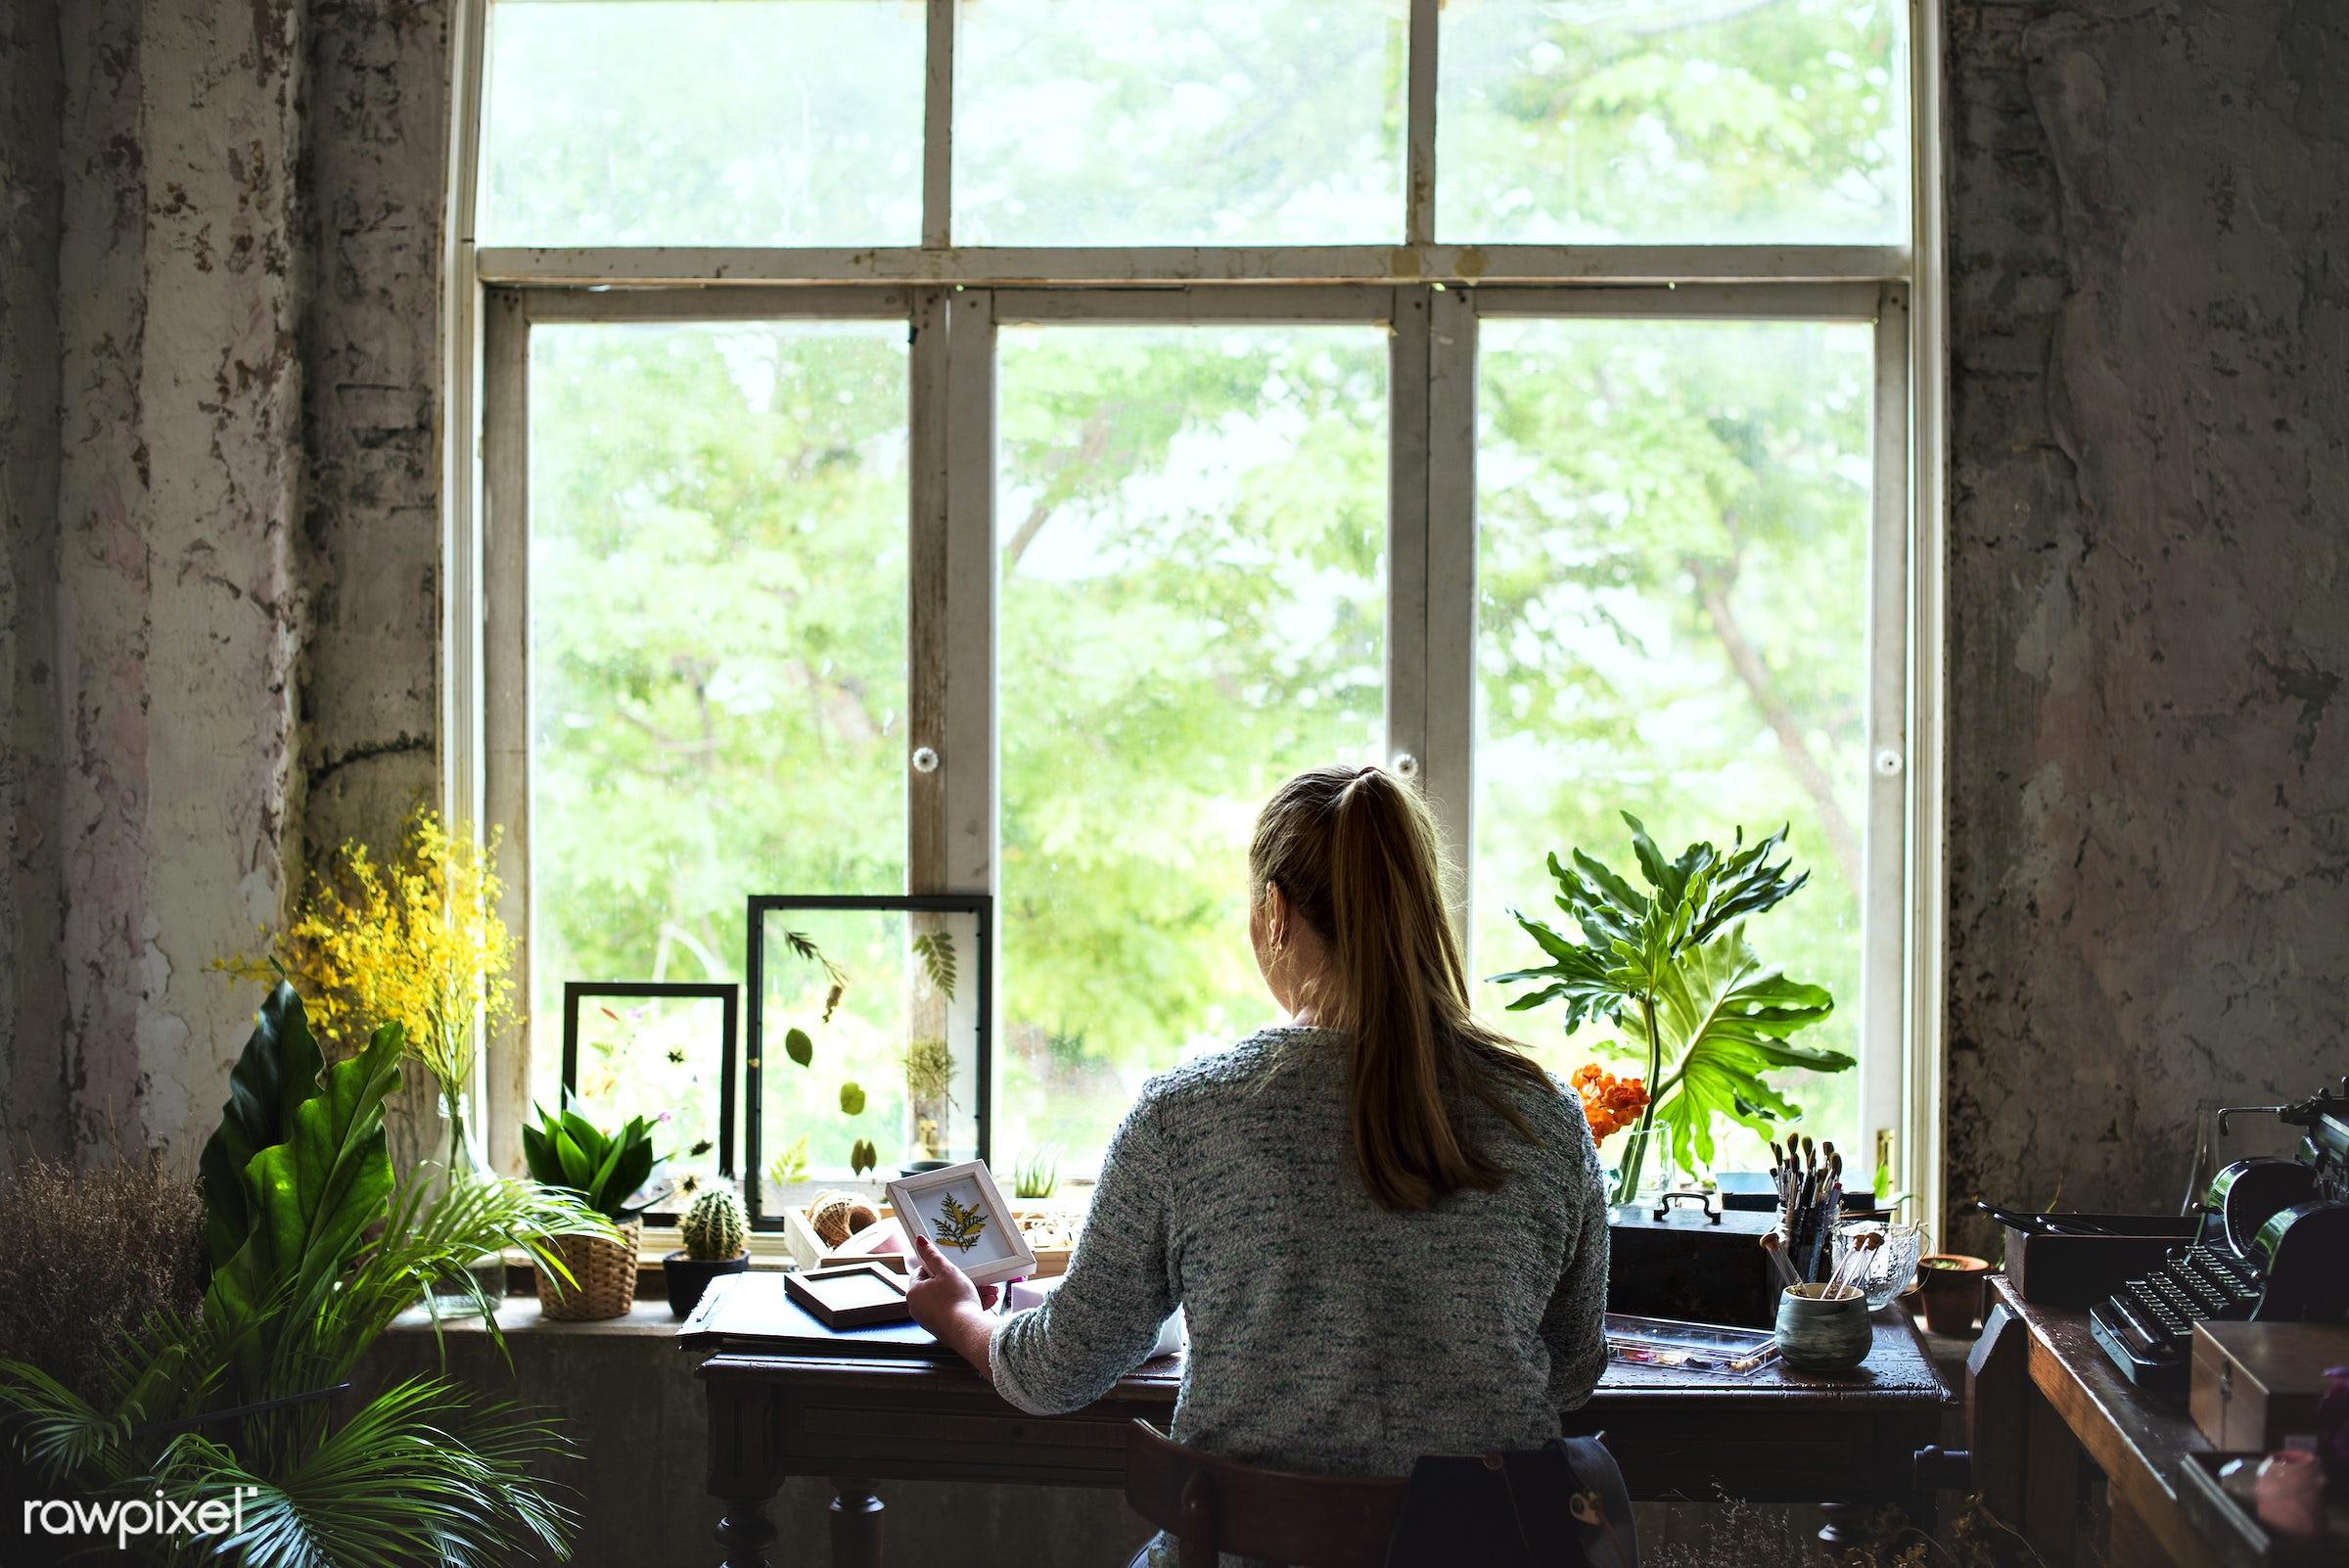 plant, rear view, person, decoration, flora, refreshment, leisure, table, flower shop, florist, recreational, fresh, woman,...